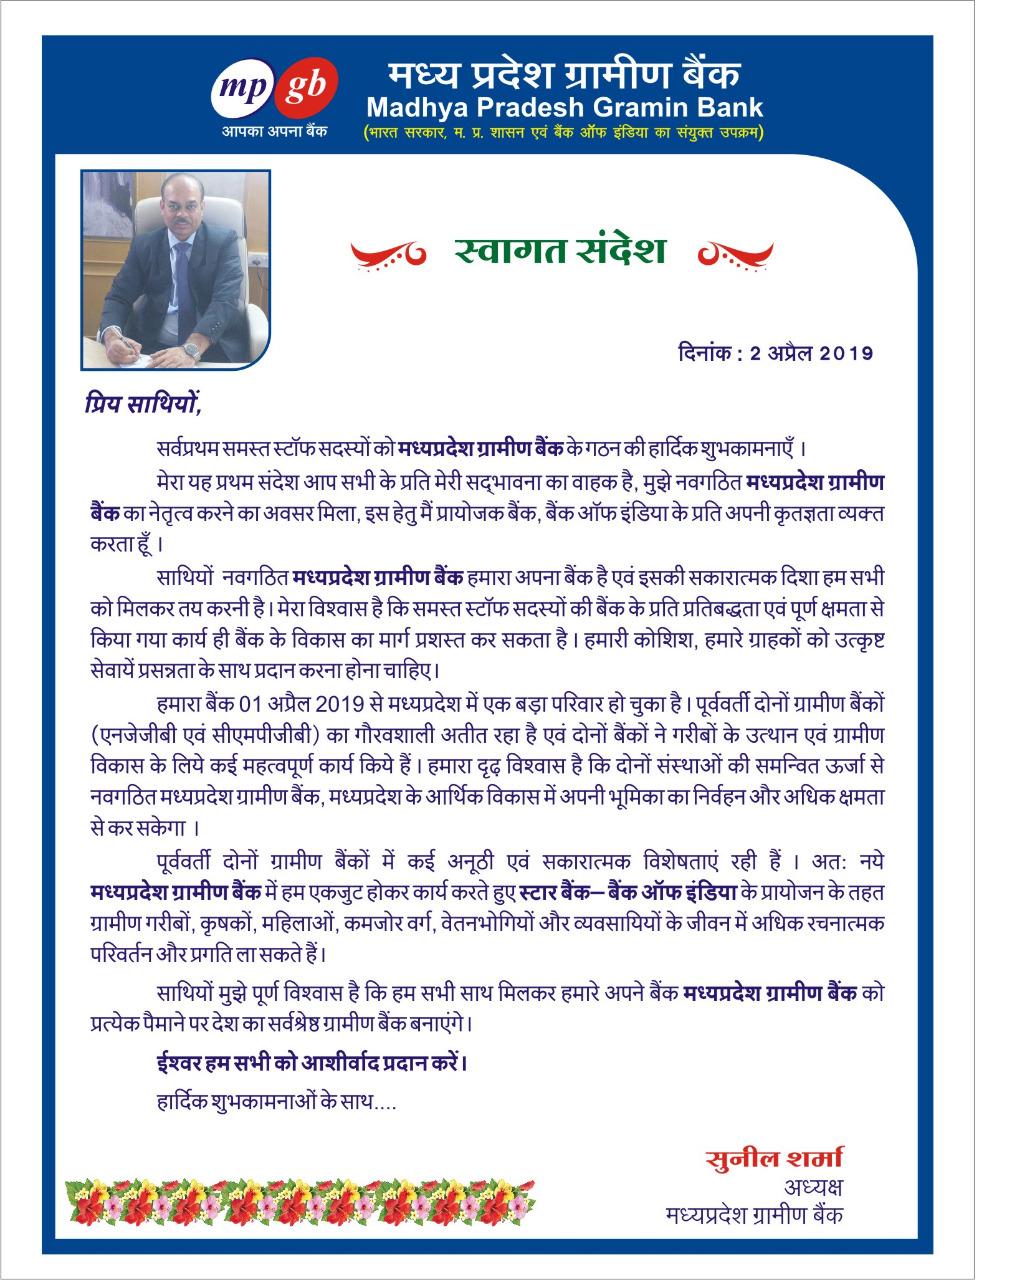 MPGB | MADHYA PRADESH GRAMIN BANK